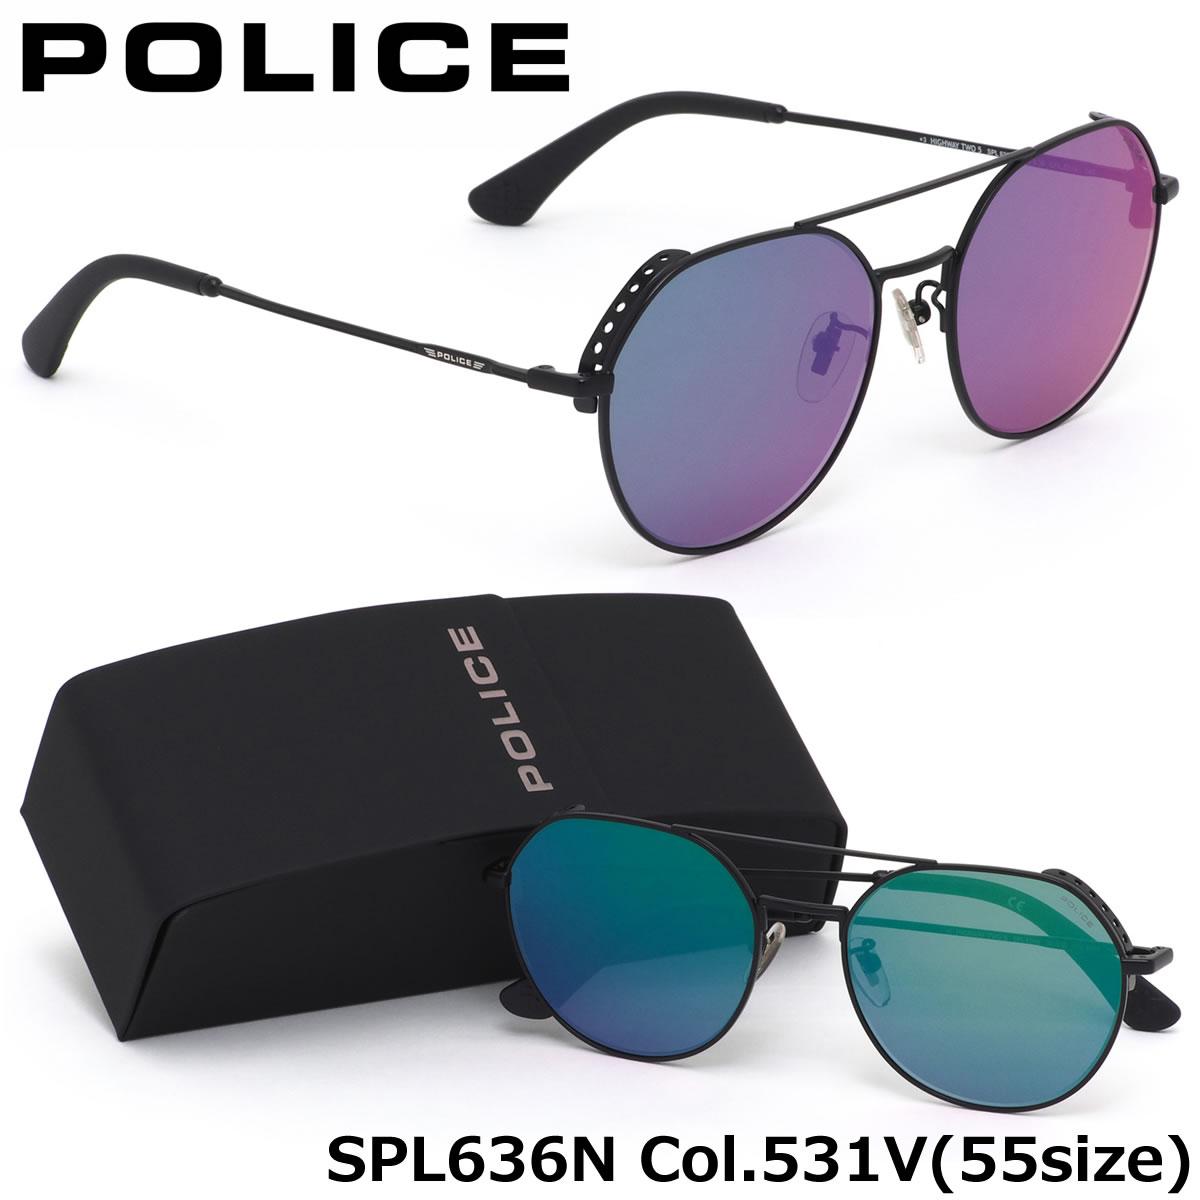 【10月30日からエントリーで全品ポイント20倍】ポリス POLICE サングラスSPL636N 531V 55サイズHIGHWAYTWO5 フラットレンズ ツーブリッジポリス POLICE メンズ レディース